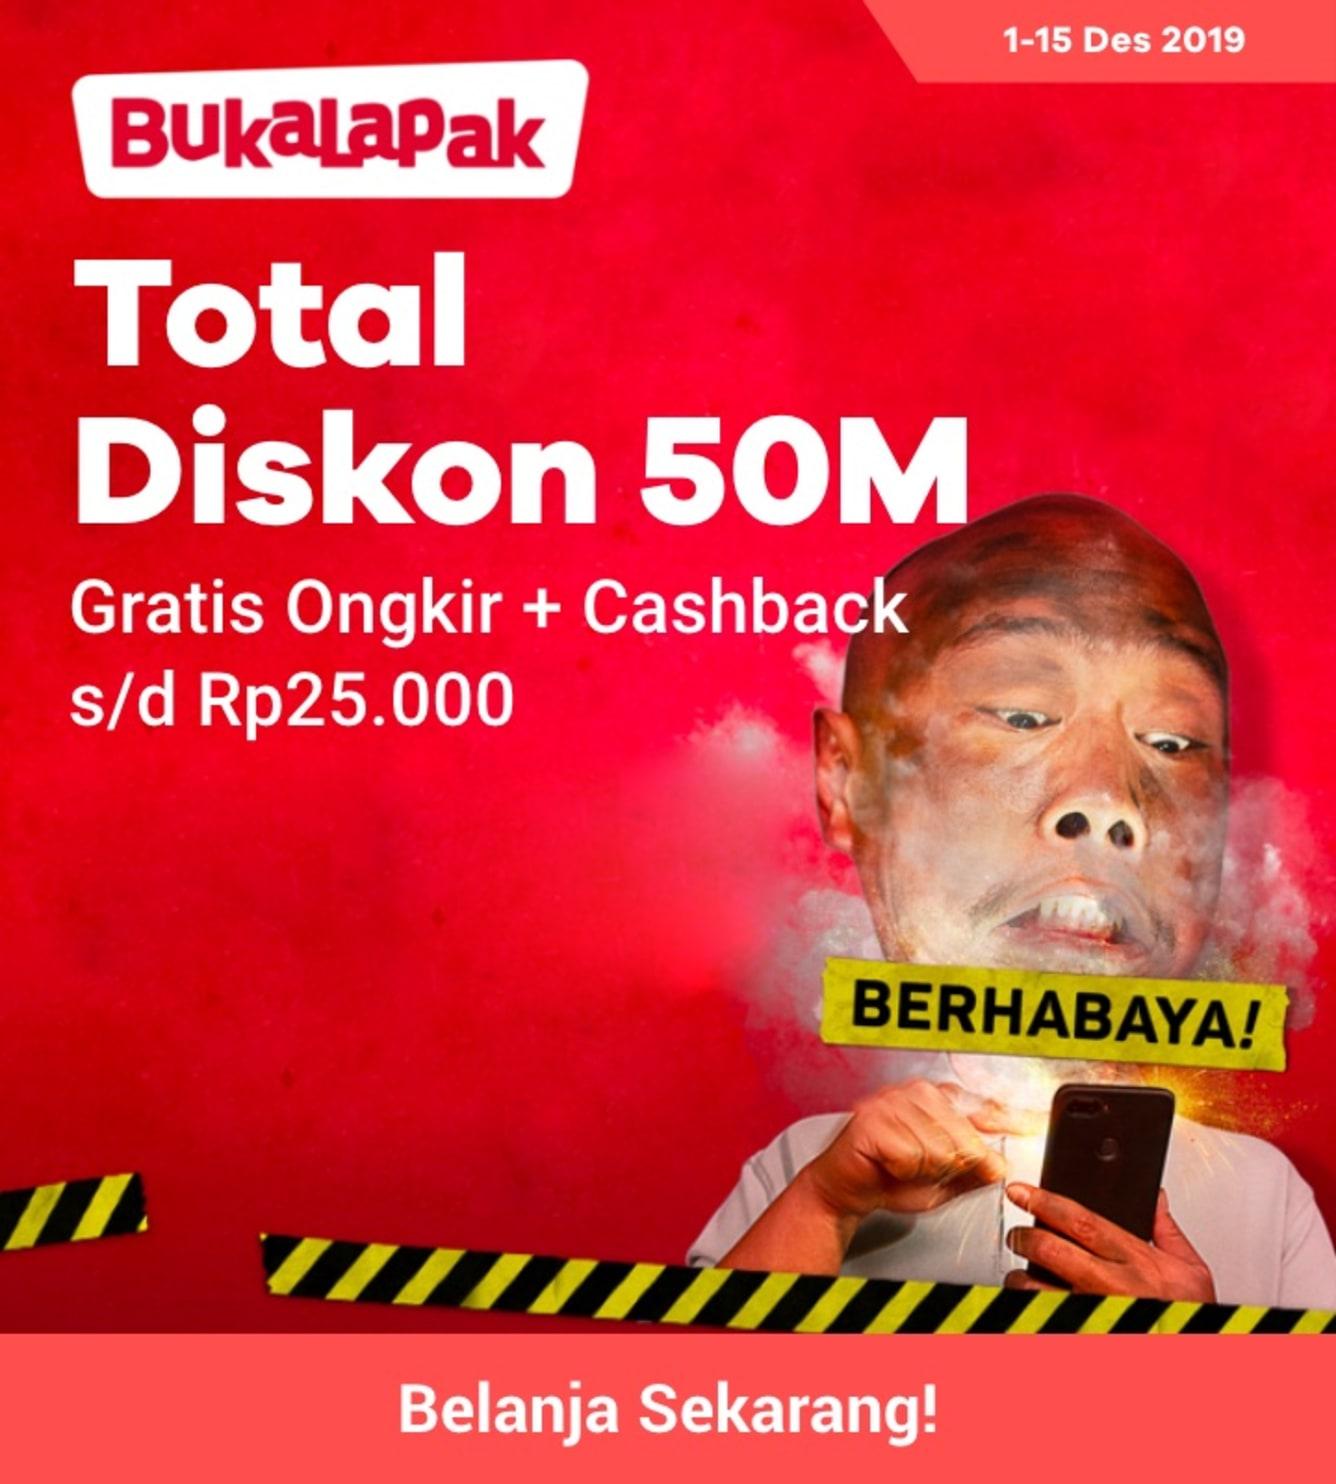 Week 49 - Promo Bukalapak